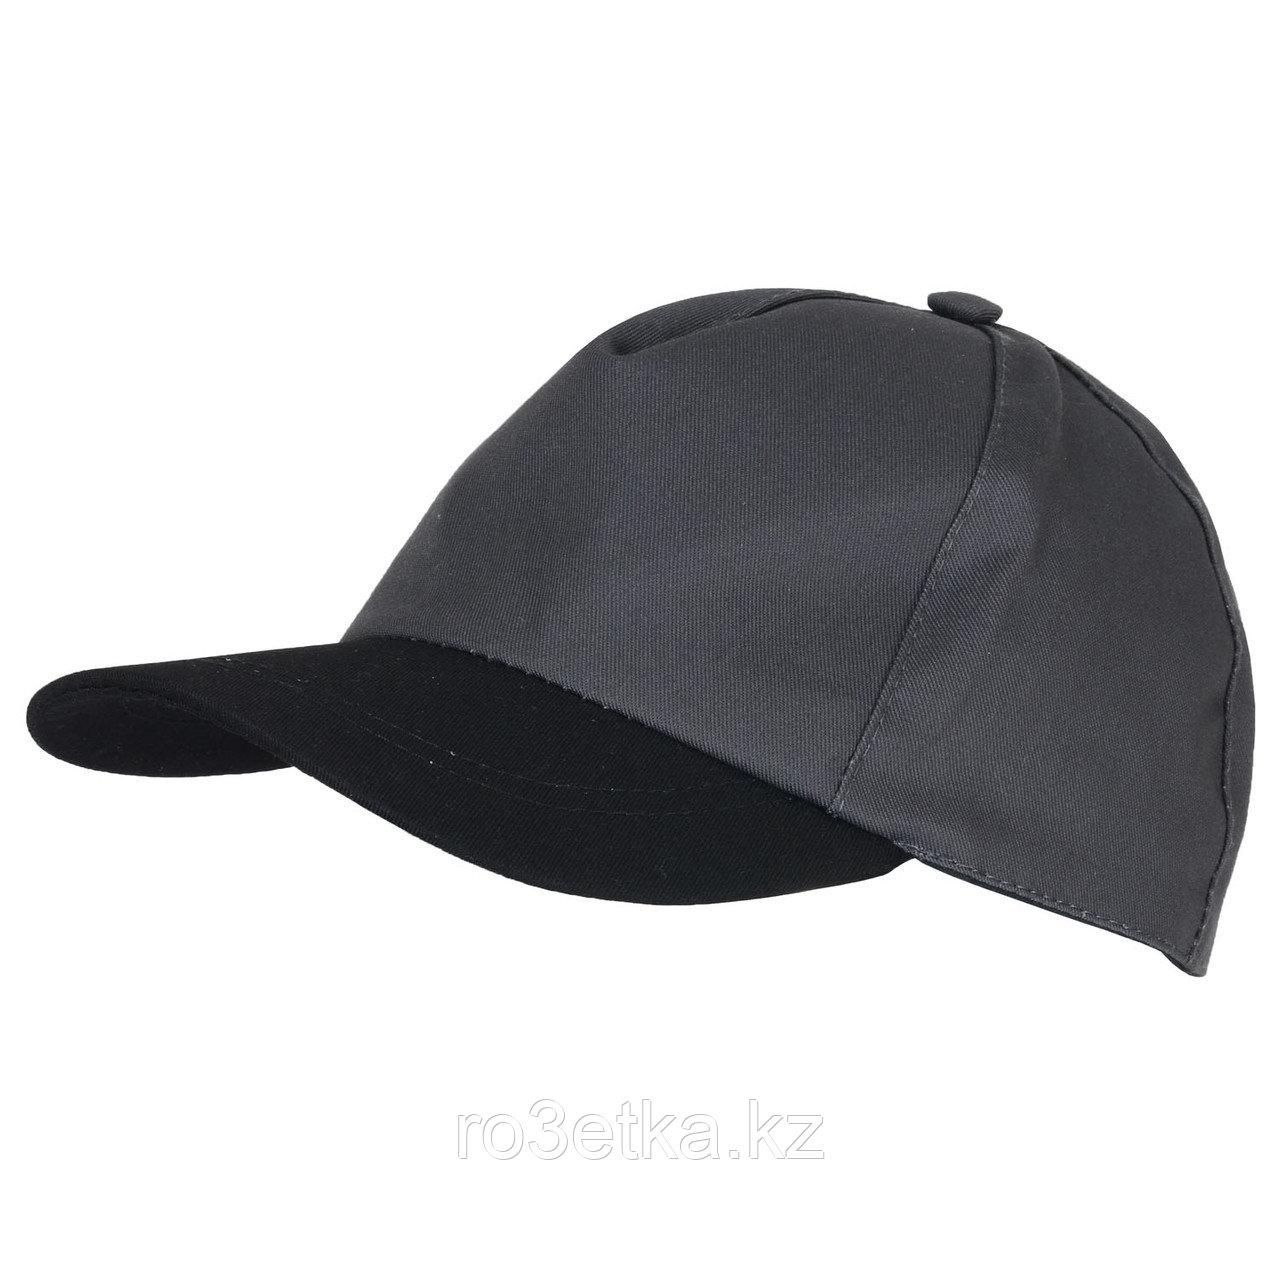 Кепка Бейсболка т.серая с черным козырьком (тк. Rodos)